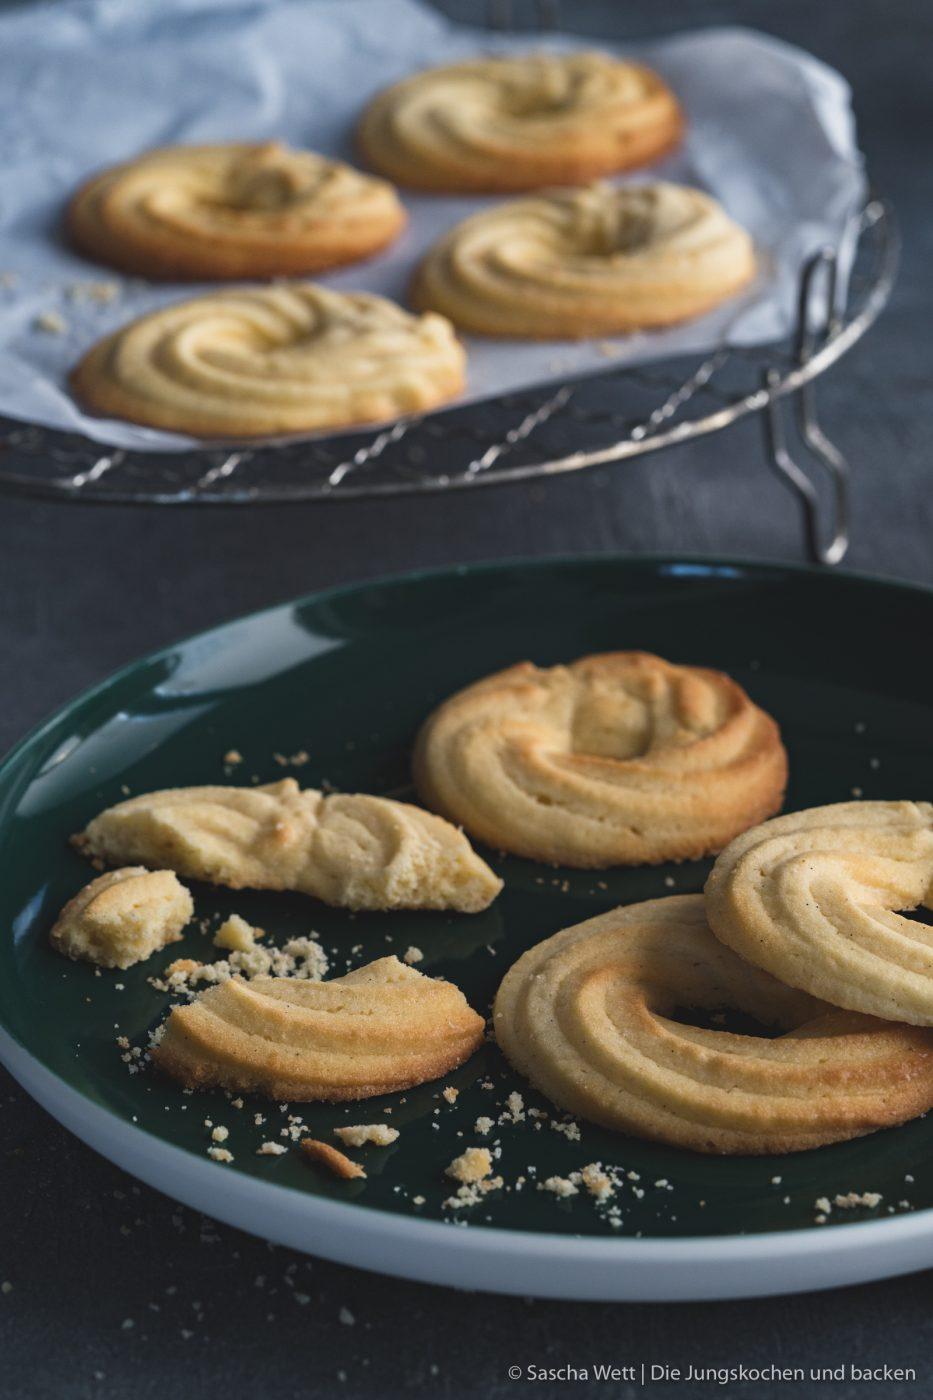 Ein schnelles Rezept für Irische Butterkringel. Mürbe, zartschmelzende Butterkekse ganz pur & simpel! Mit bester irischer Weidebutter! #kekse #backen #cookies #rezepte